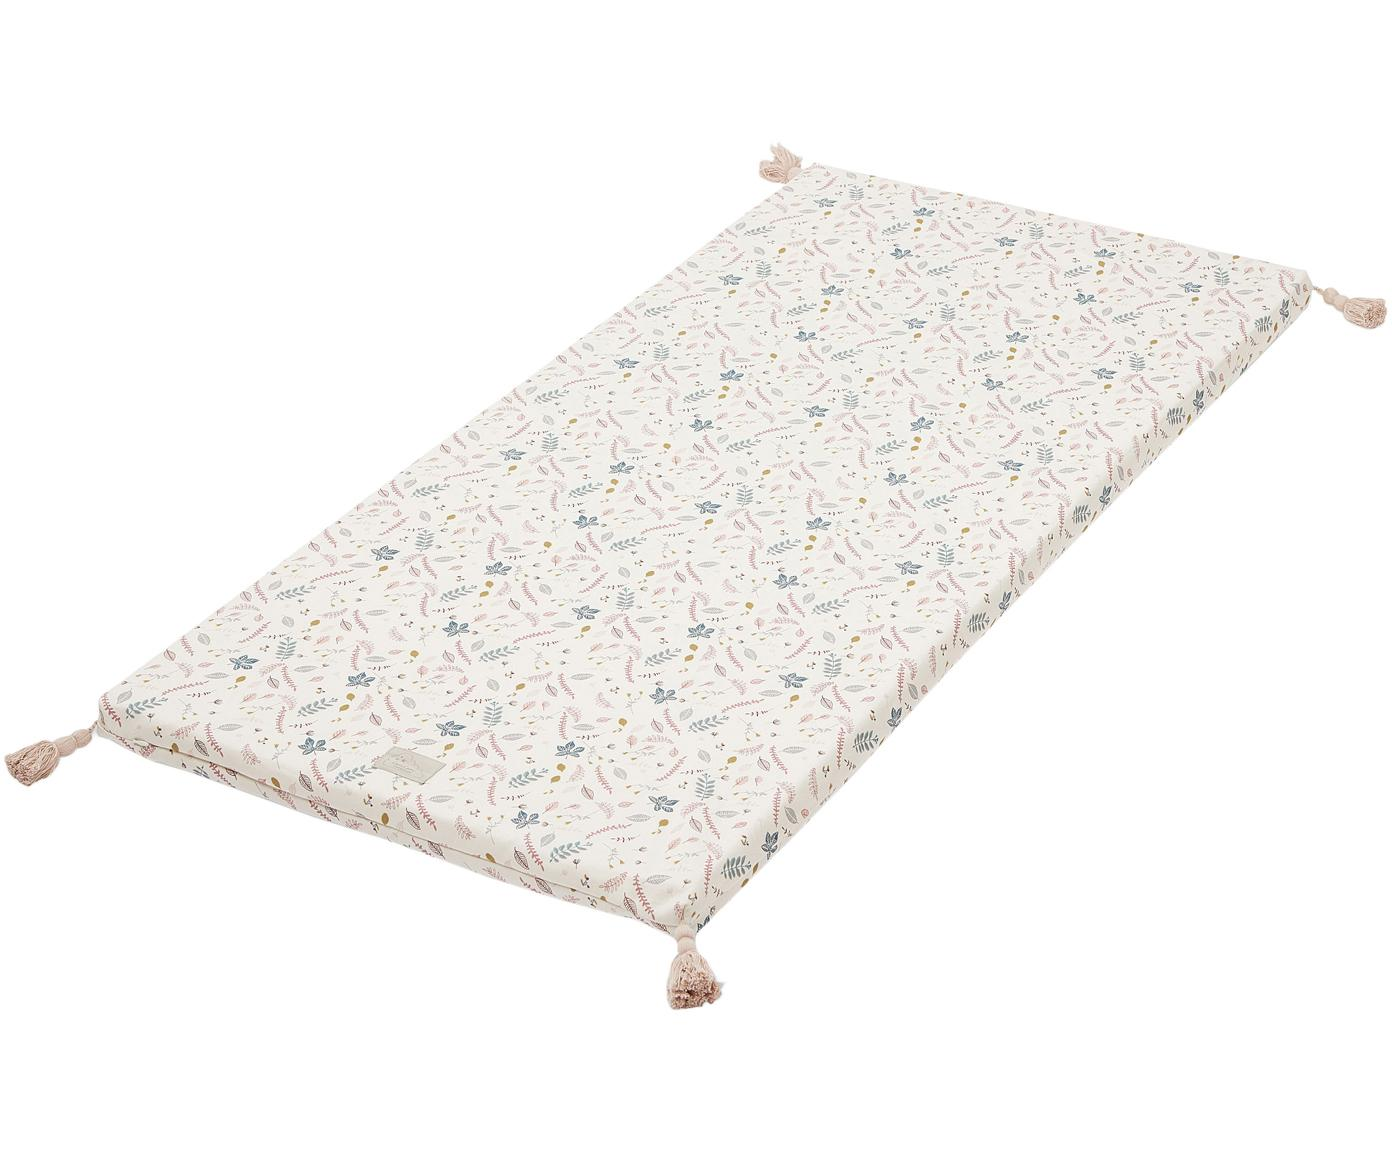 Speelmat Pressed Leaves, Bekleding: organisch katoen, Crèmekleurig, roze, blauw, grijs, geel, 60 x 120 cm